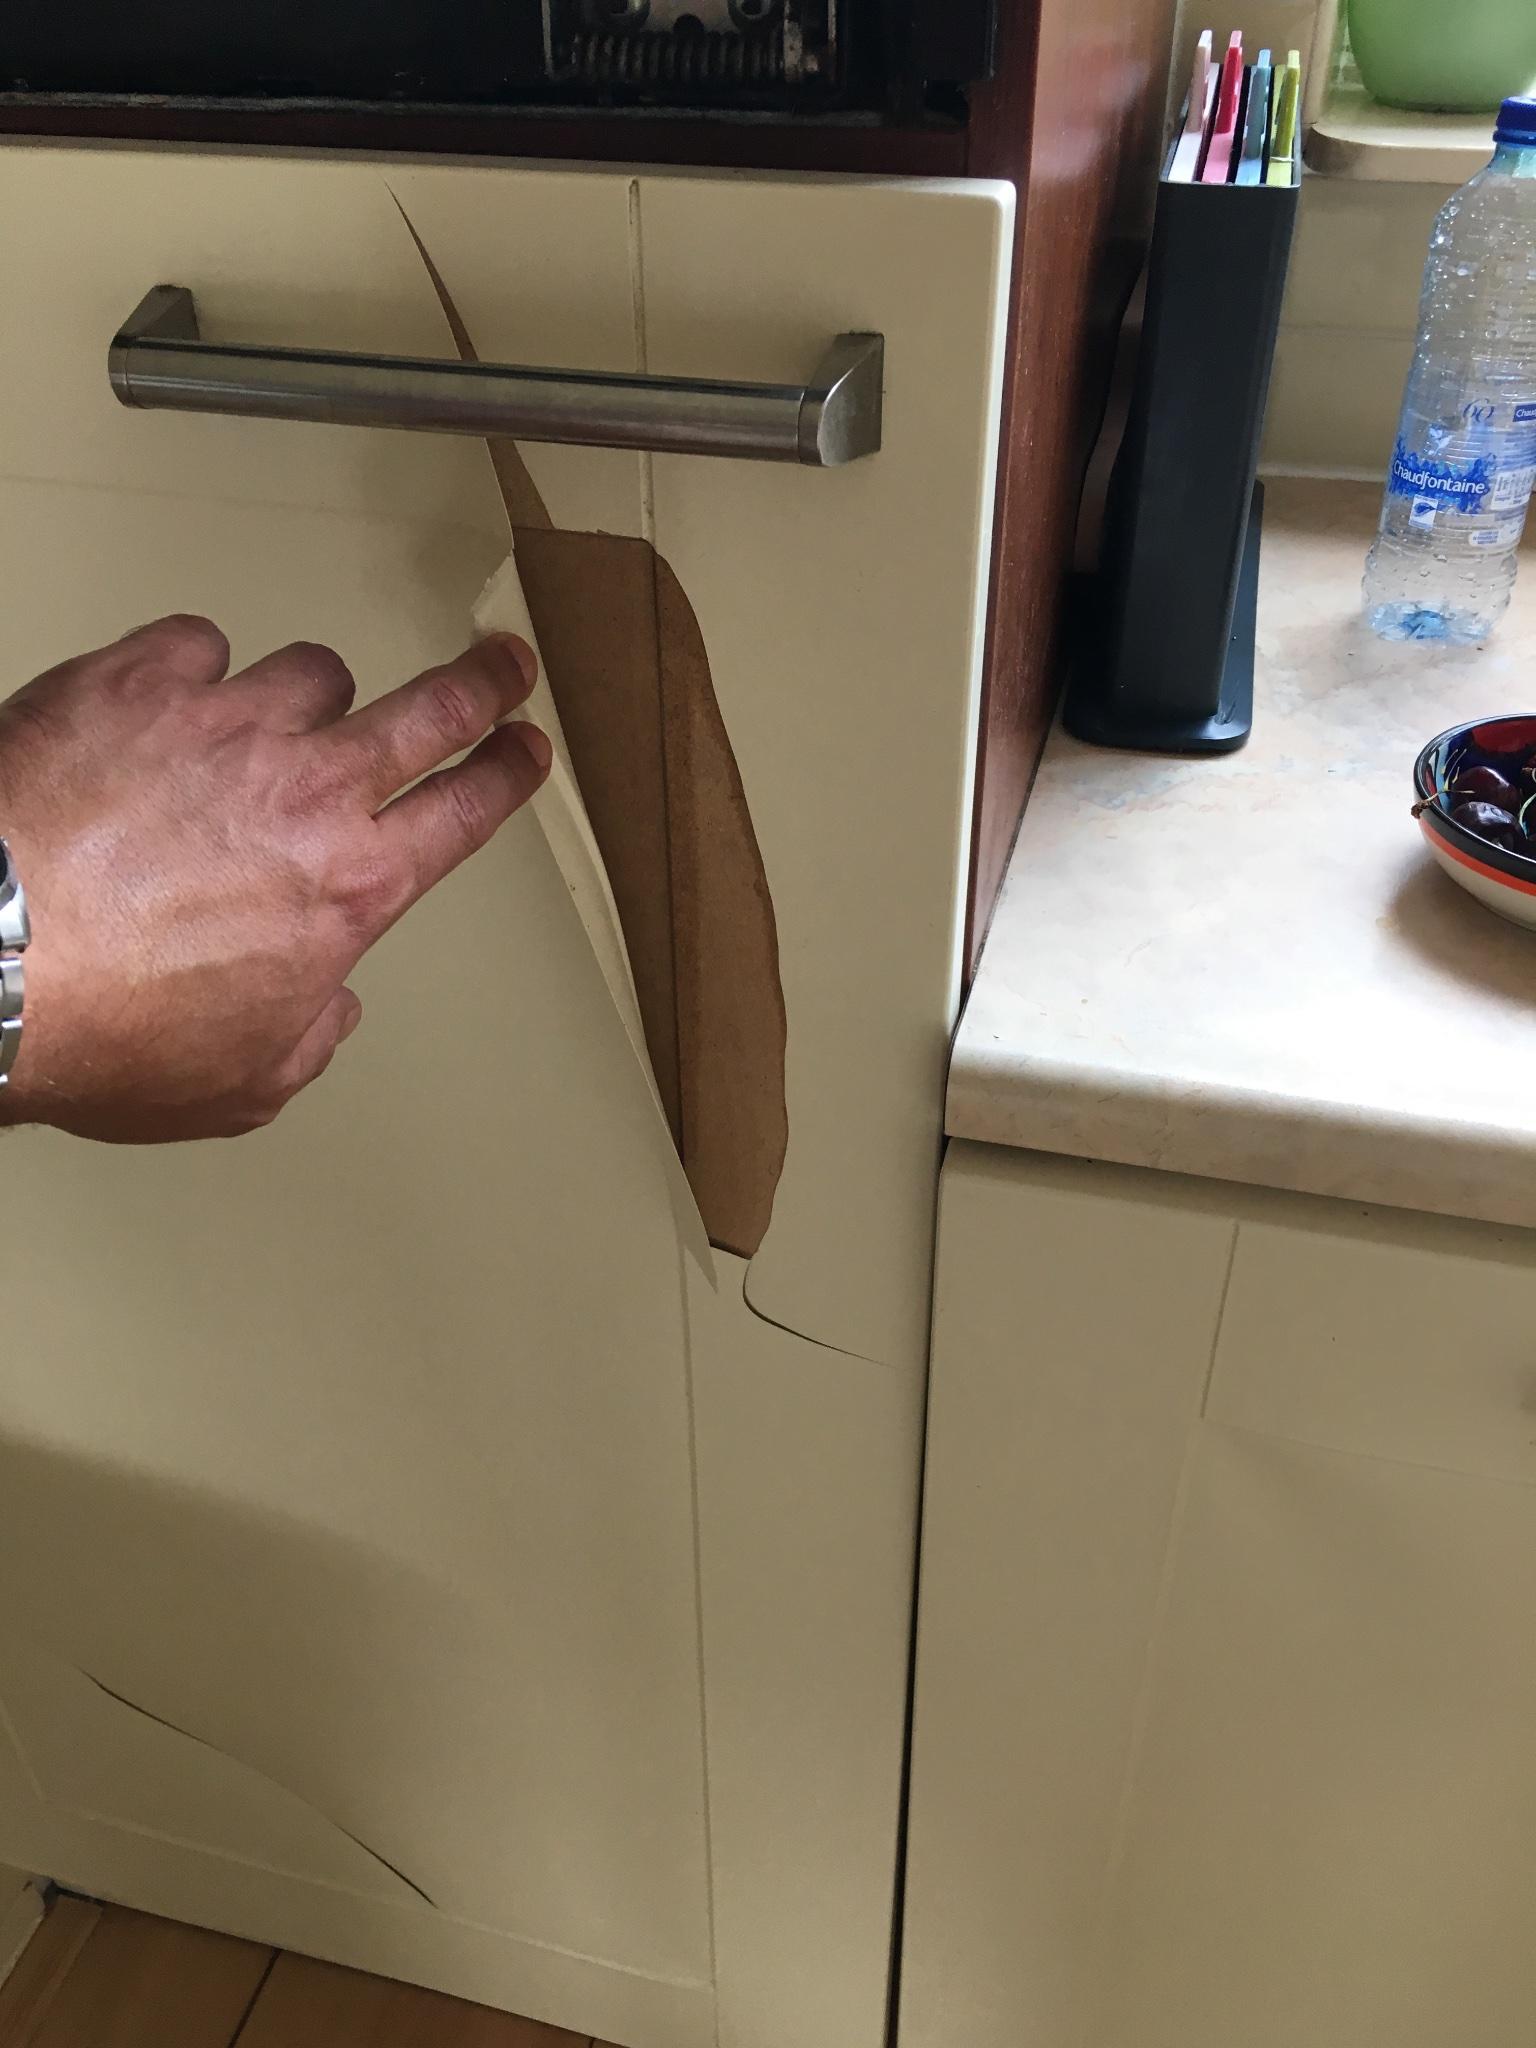 Keukendeurtjes Folie Vervangen.Keukendeurtjes Overspuiten En Folie Verwijderen Werkspot